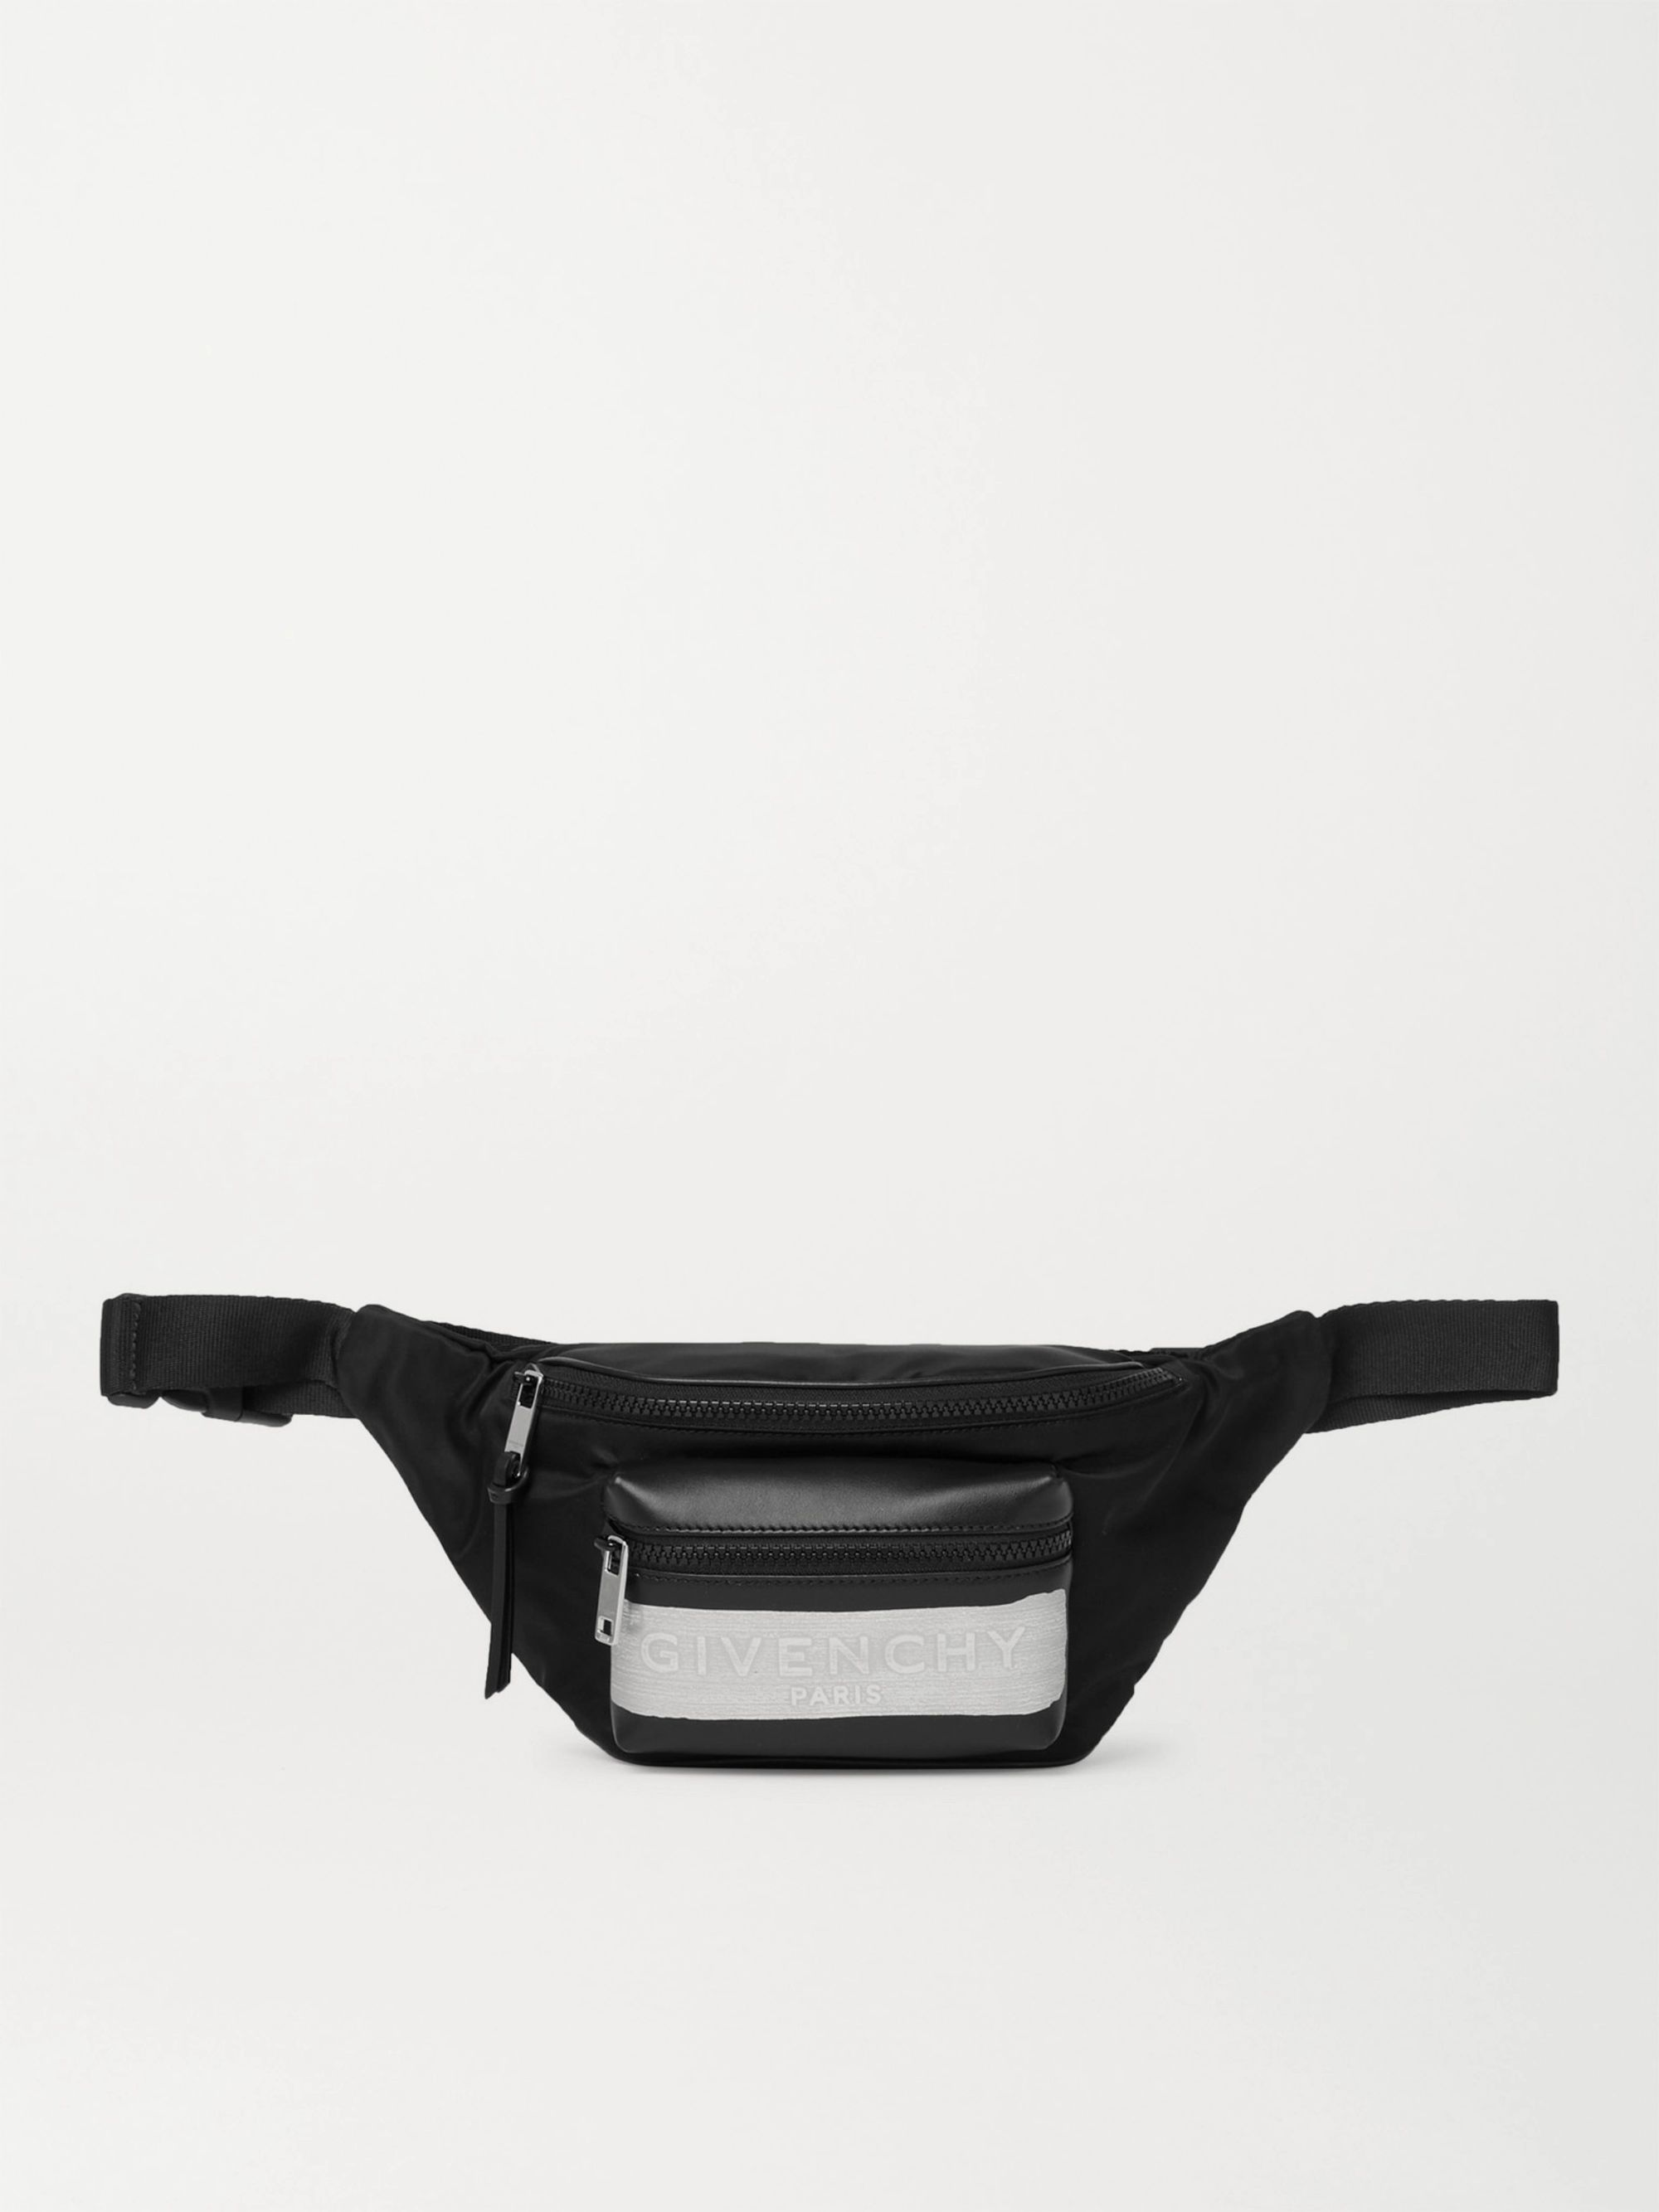 지방시 Givenchy Logo-Detailed Leather and Shell Belt Bag,Black